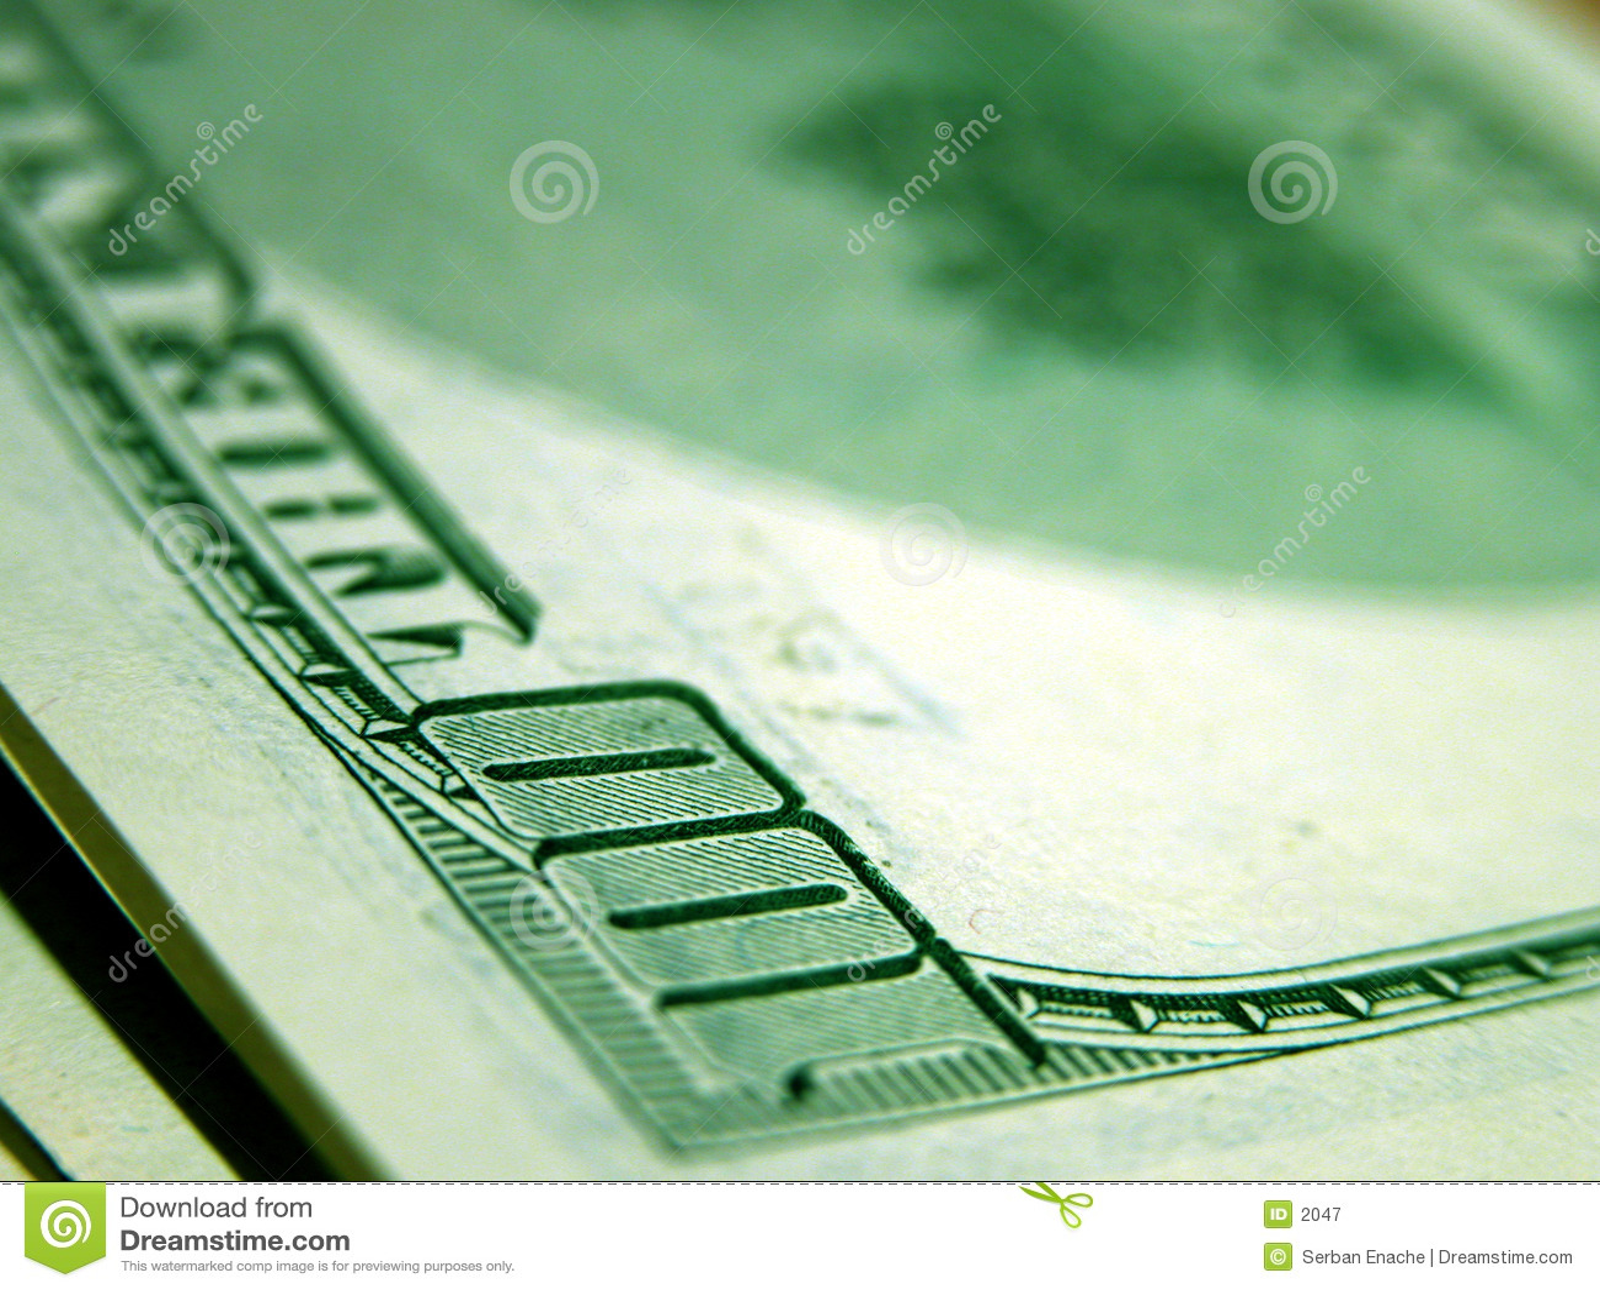 100 dollars bill